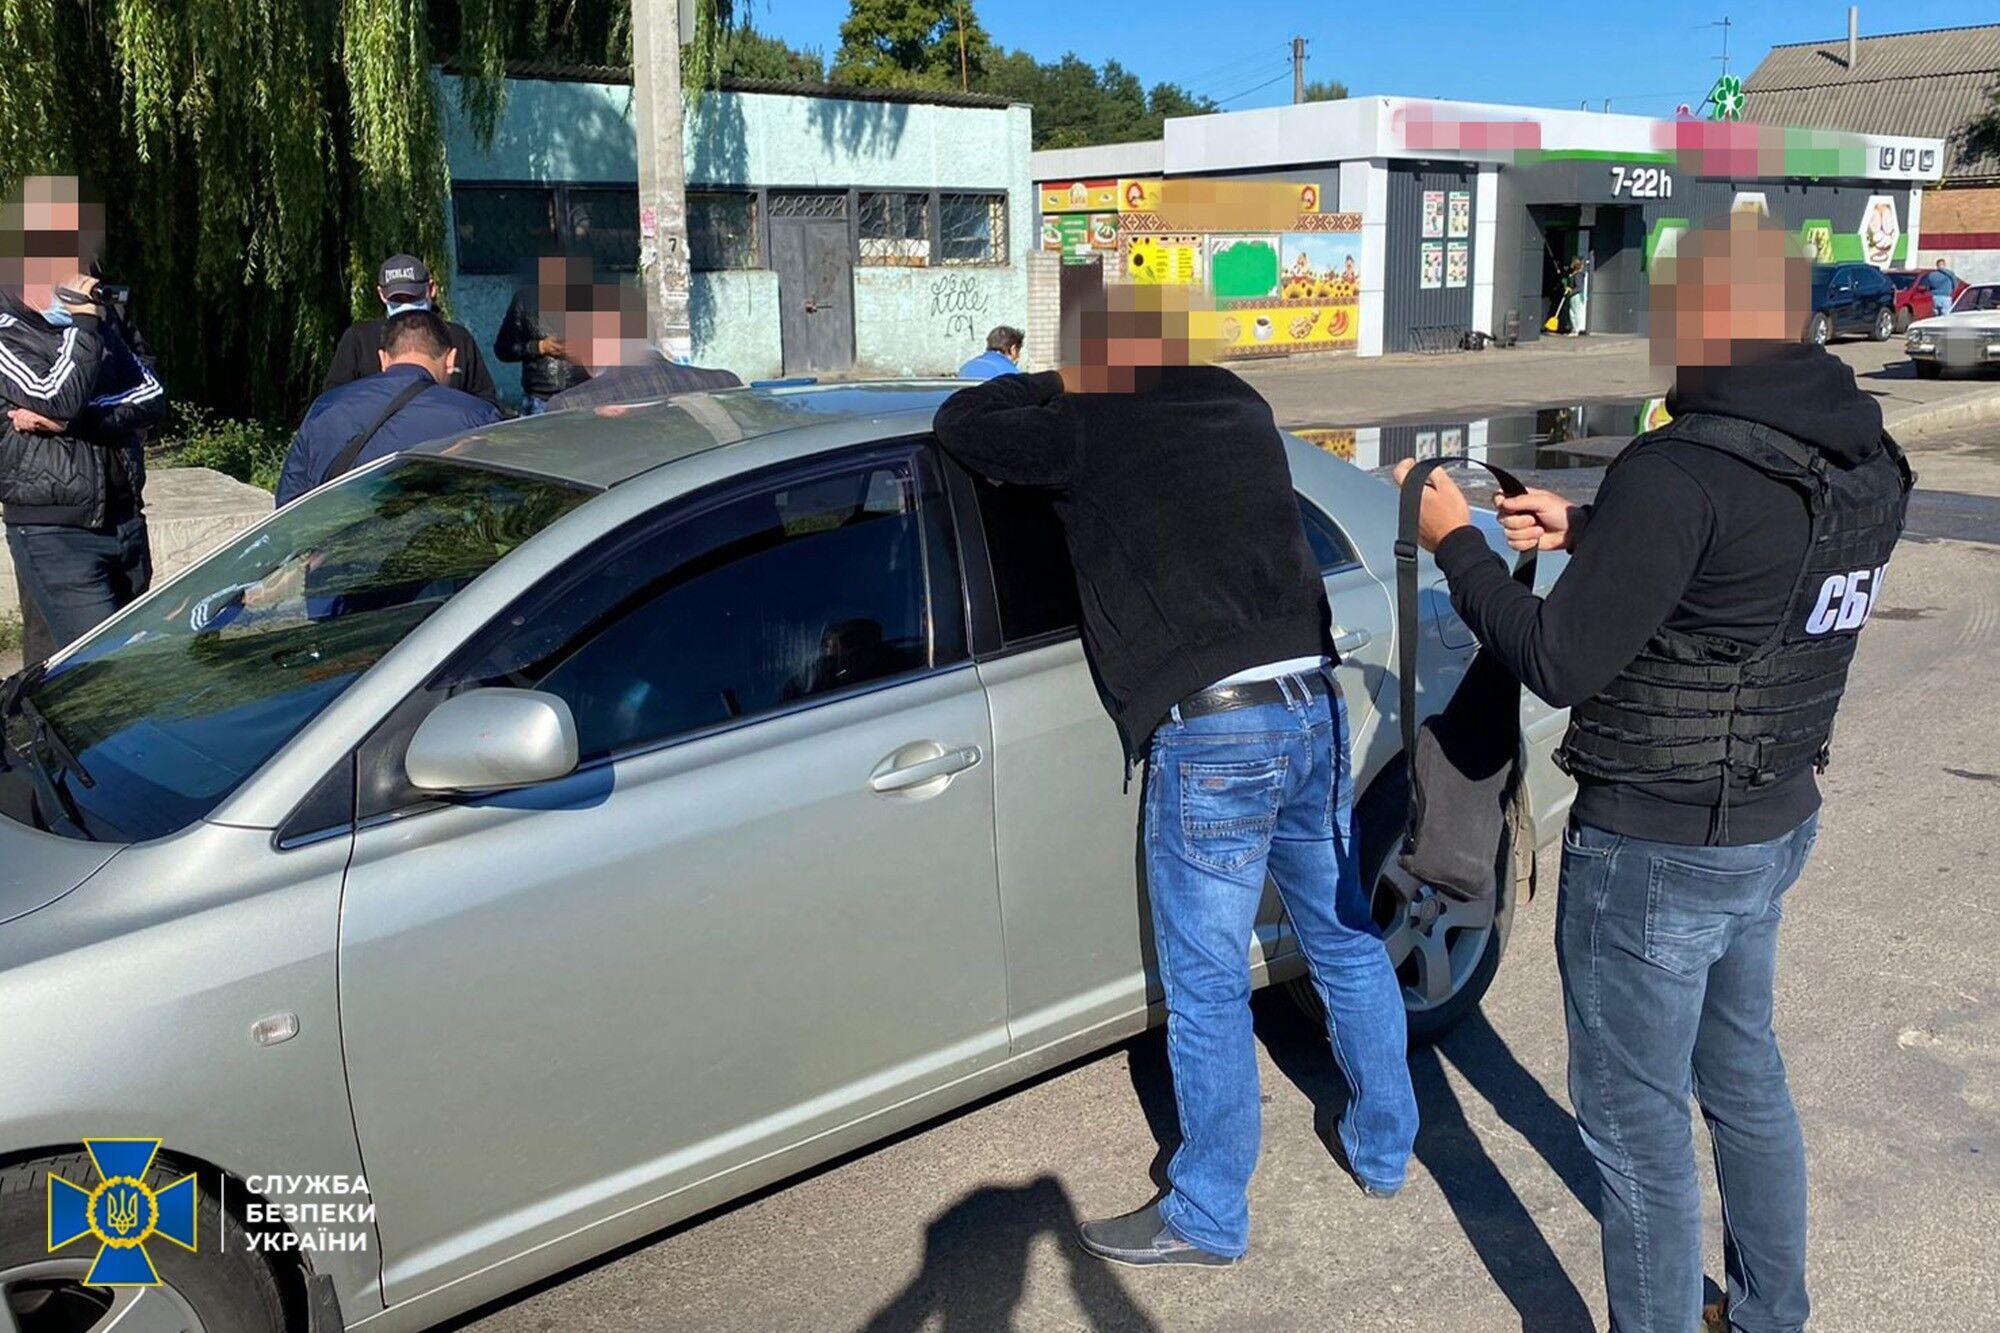 СБУ затримала на хабарі начальника ЛА НАУ і його посередника